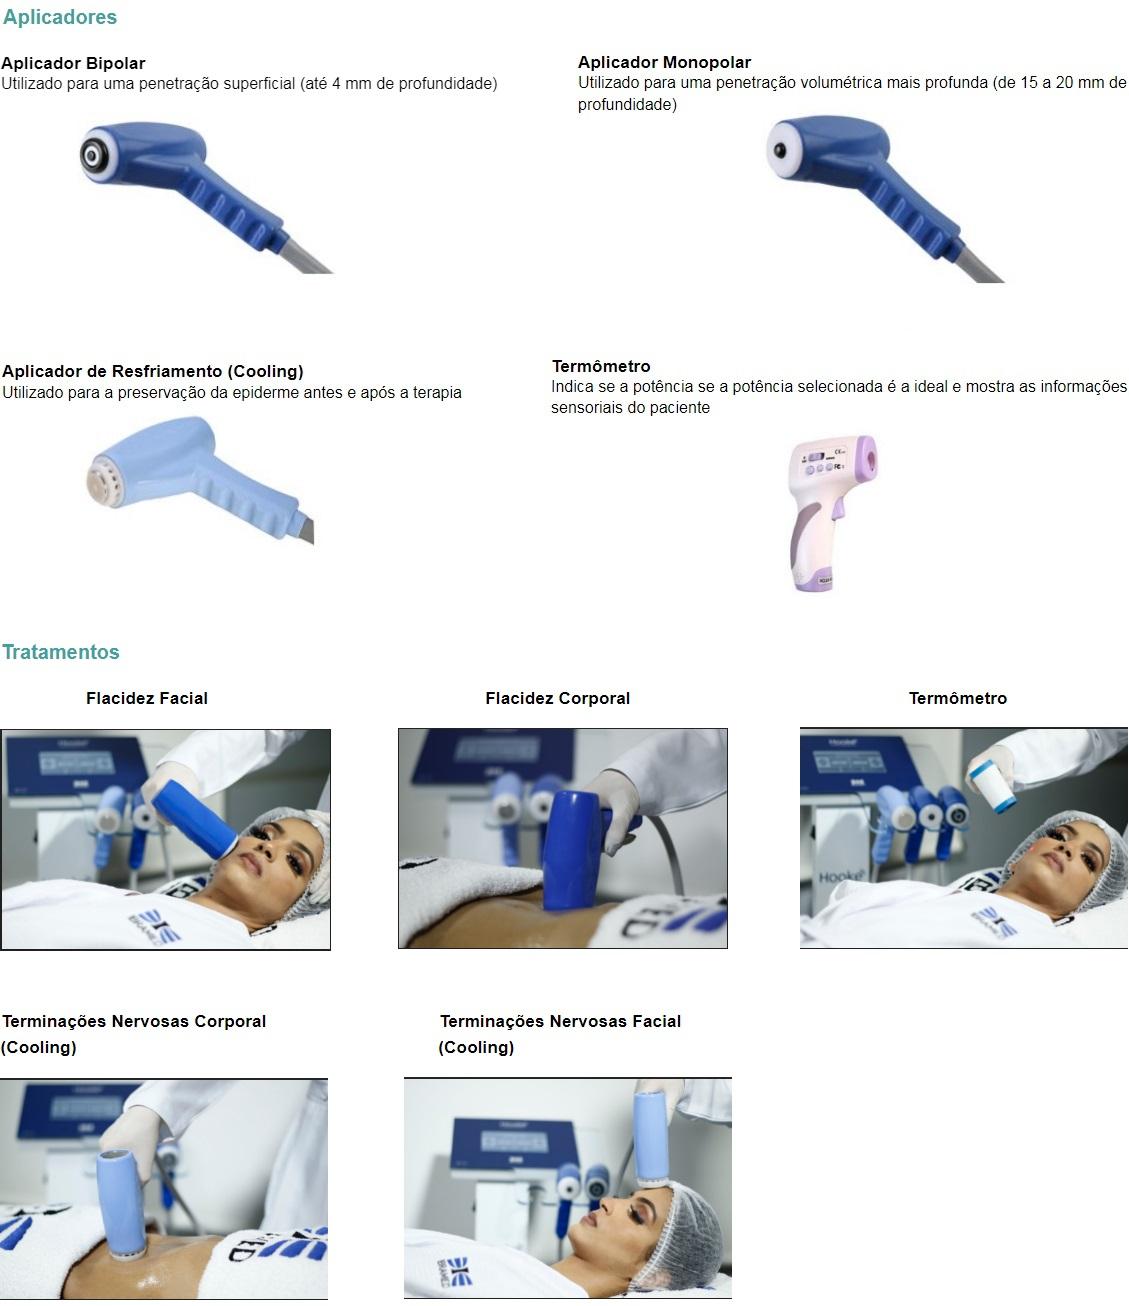 Aplicador Bipolar  Utilizado para uma penetração superficial (até 4 mm de profundidade)    Aplicador Monopolar  Utilizado para uma penetração volumétrica mais profunda (de 15 a 20 mm de profundidade)   Aplicador de Resfriamento (Cooling)  Utilizado para a preservação da epiderme antes e após a terapia  Termômetro Indica se a potência se a potência selecionada é a ideal e mostra as informações sensoriais do paciente   Tratamentos  Flacidez Facial      Flacidez Corporal                Termômetro  Terminações Nervosas Corporal (Cooling)  Terminações Nervosas Facial (Cooling)